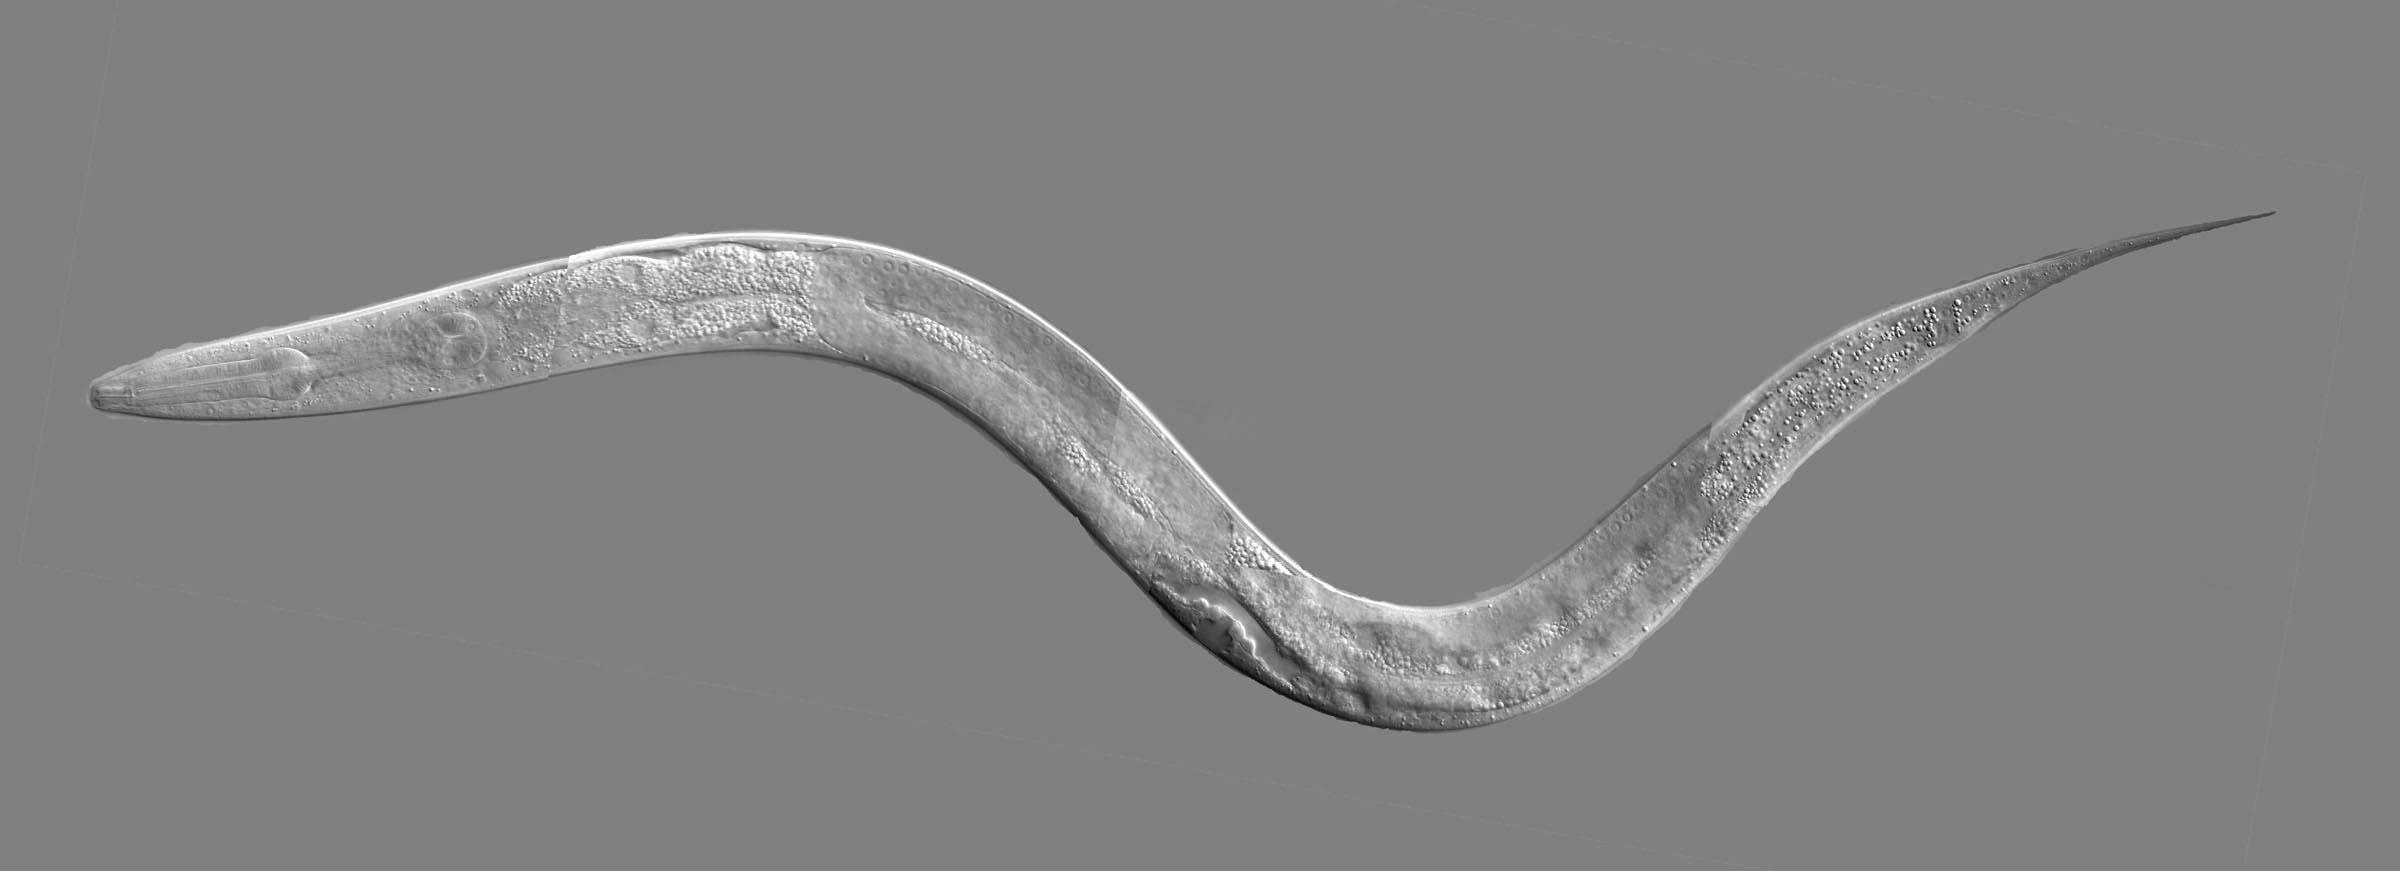 c-dates kosten Worms